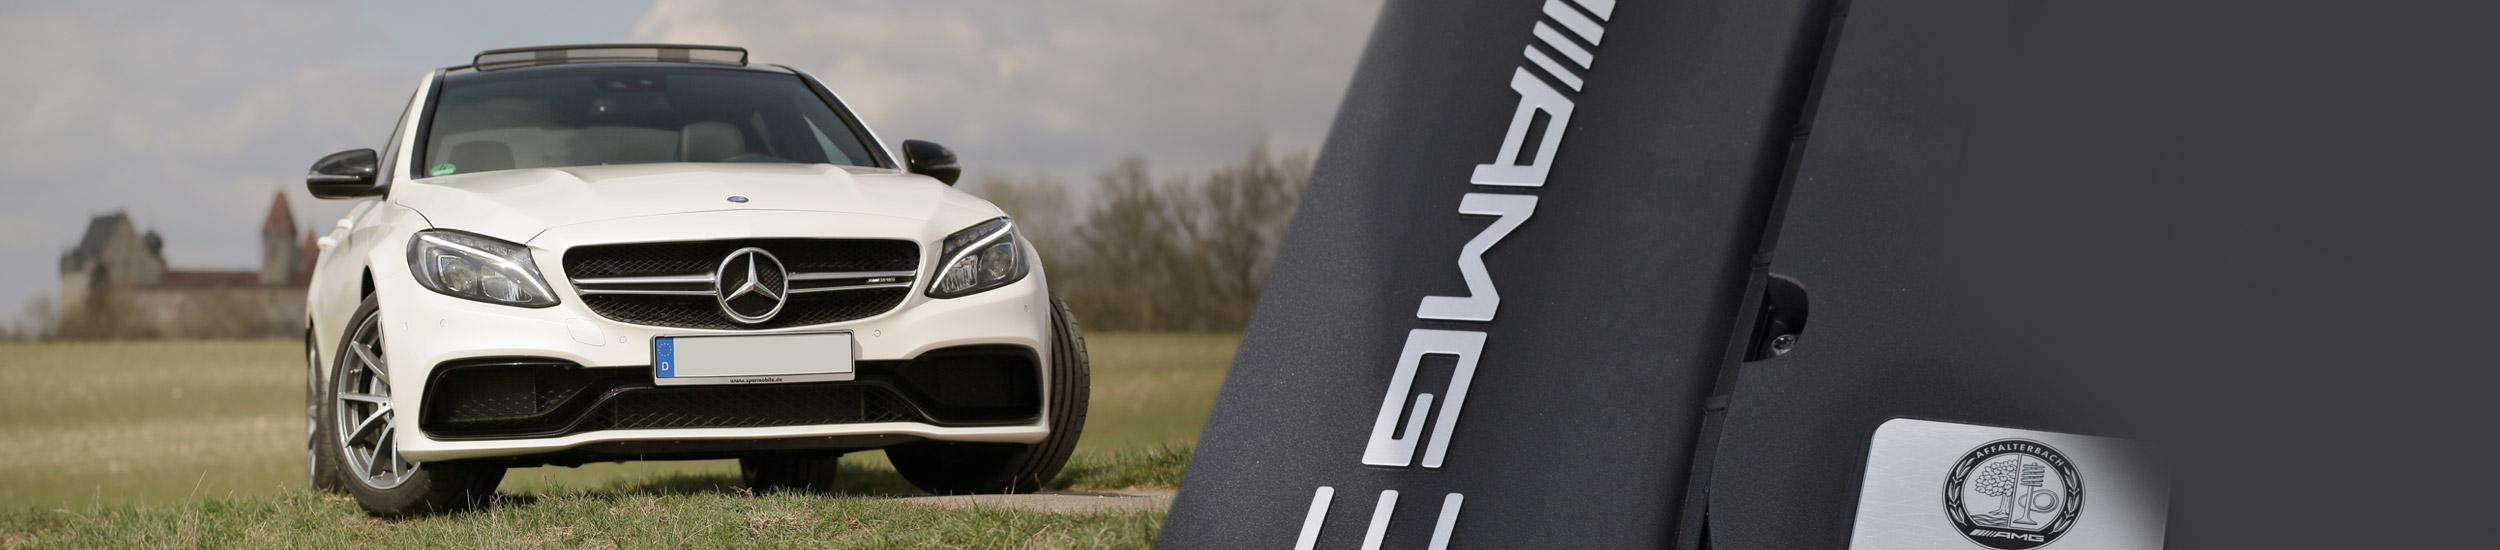 NEU-Mercedes-C63-AMG-beu-Sparmobile-neu